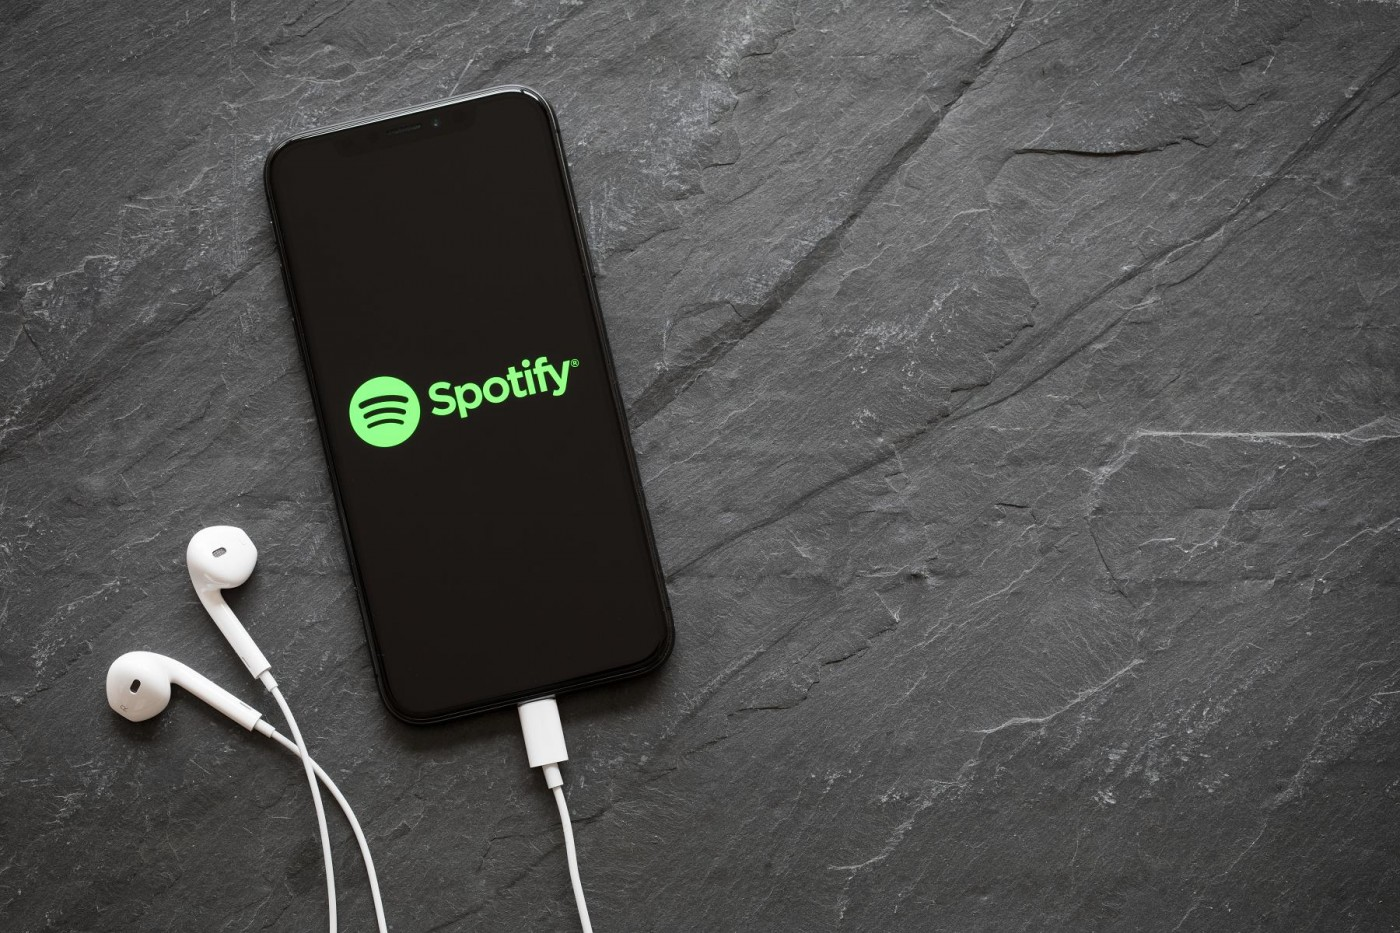 終於!即時歌詞功能回歸Spotify,包含台灣在內26個國家地區可用